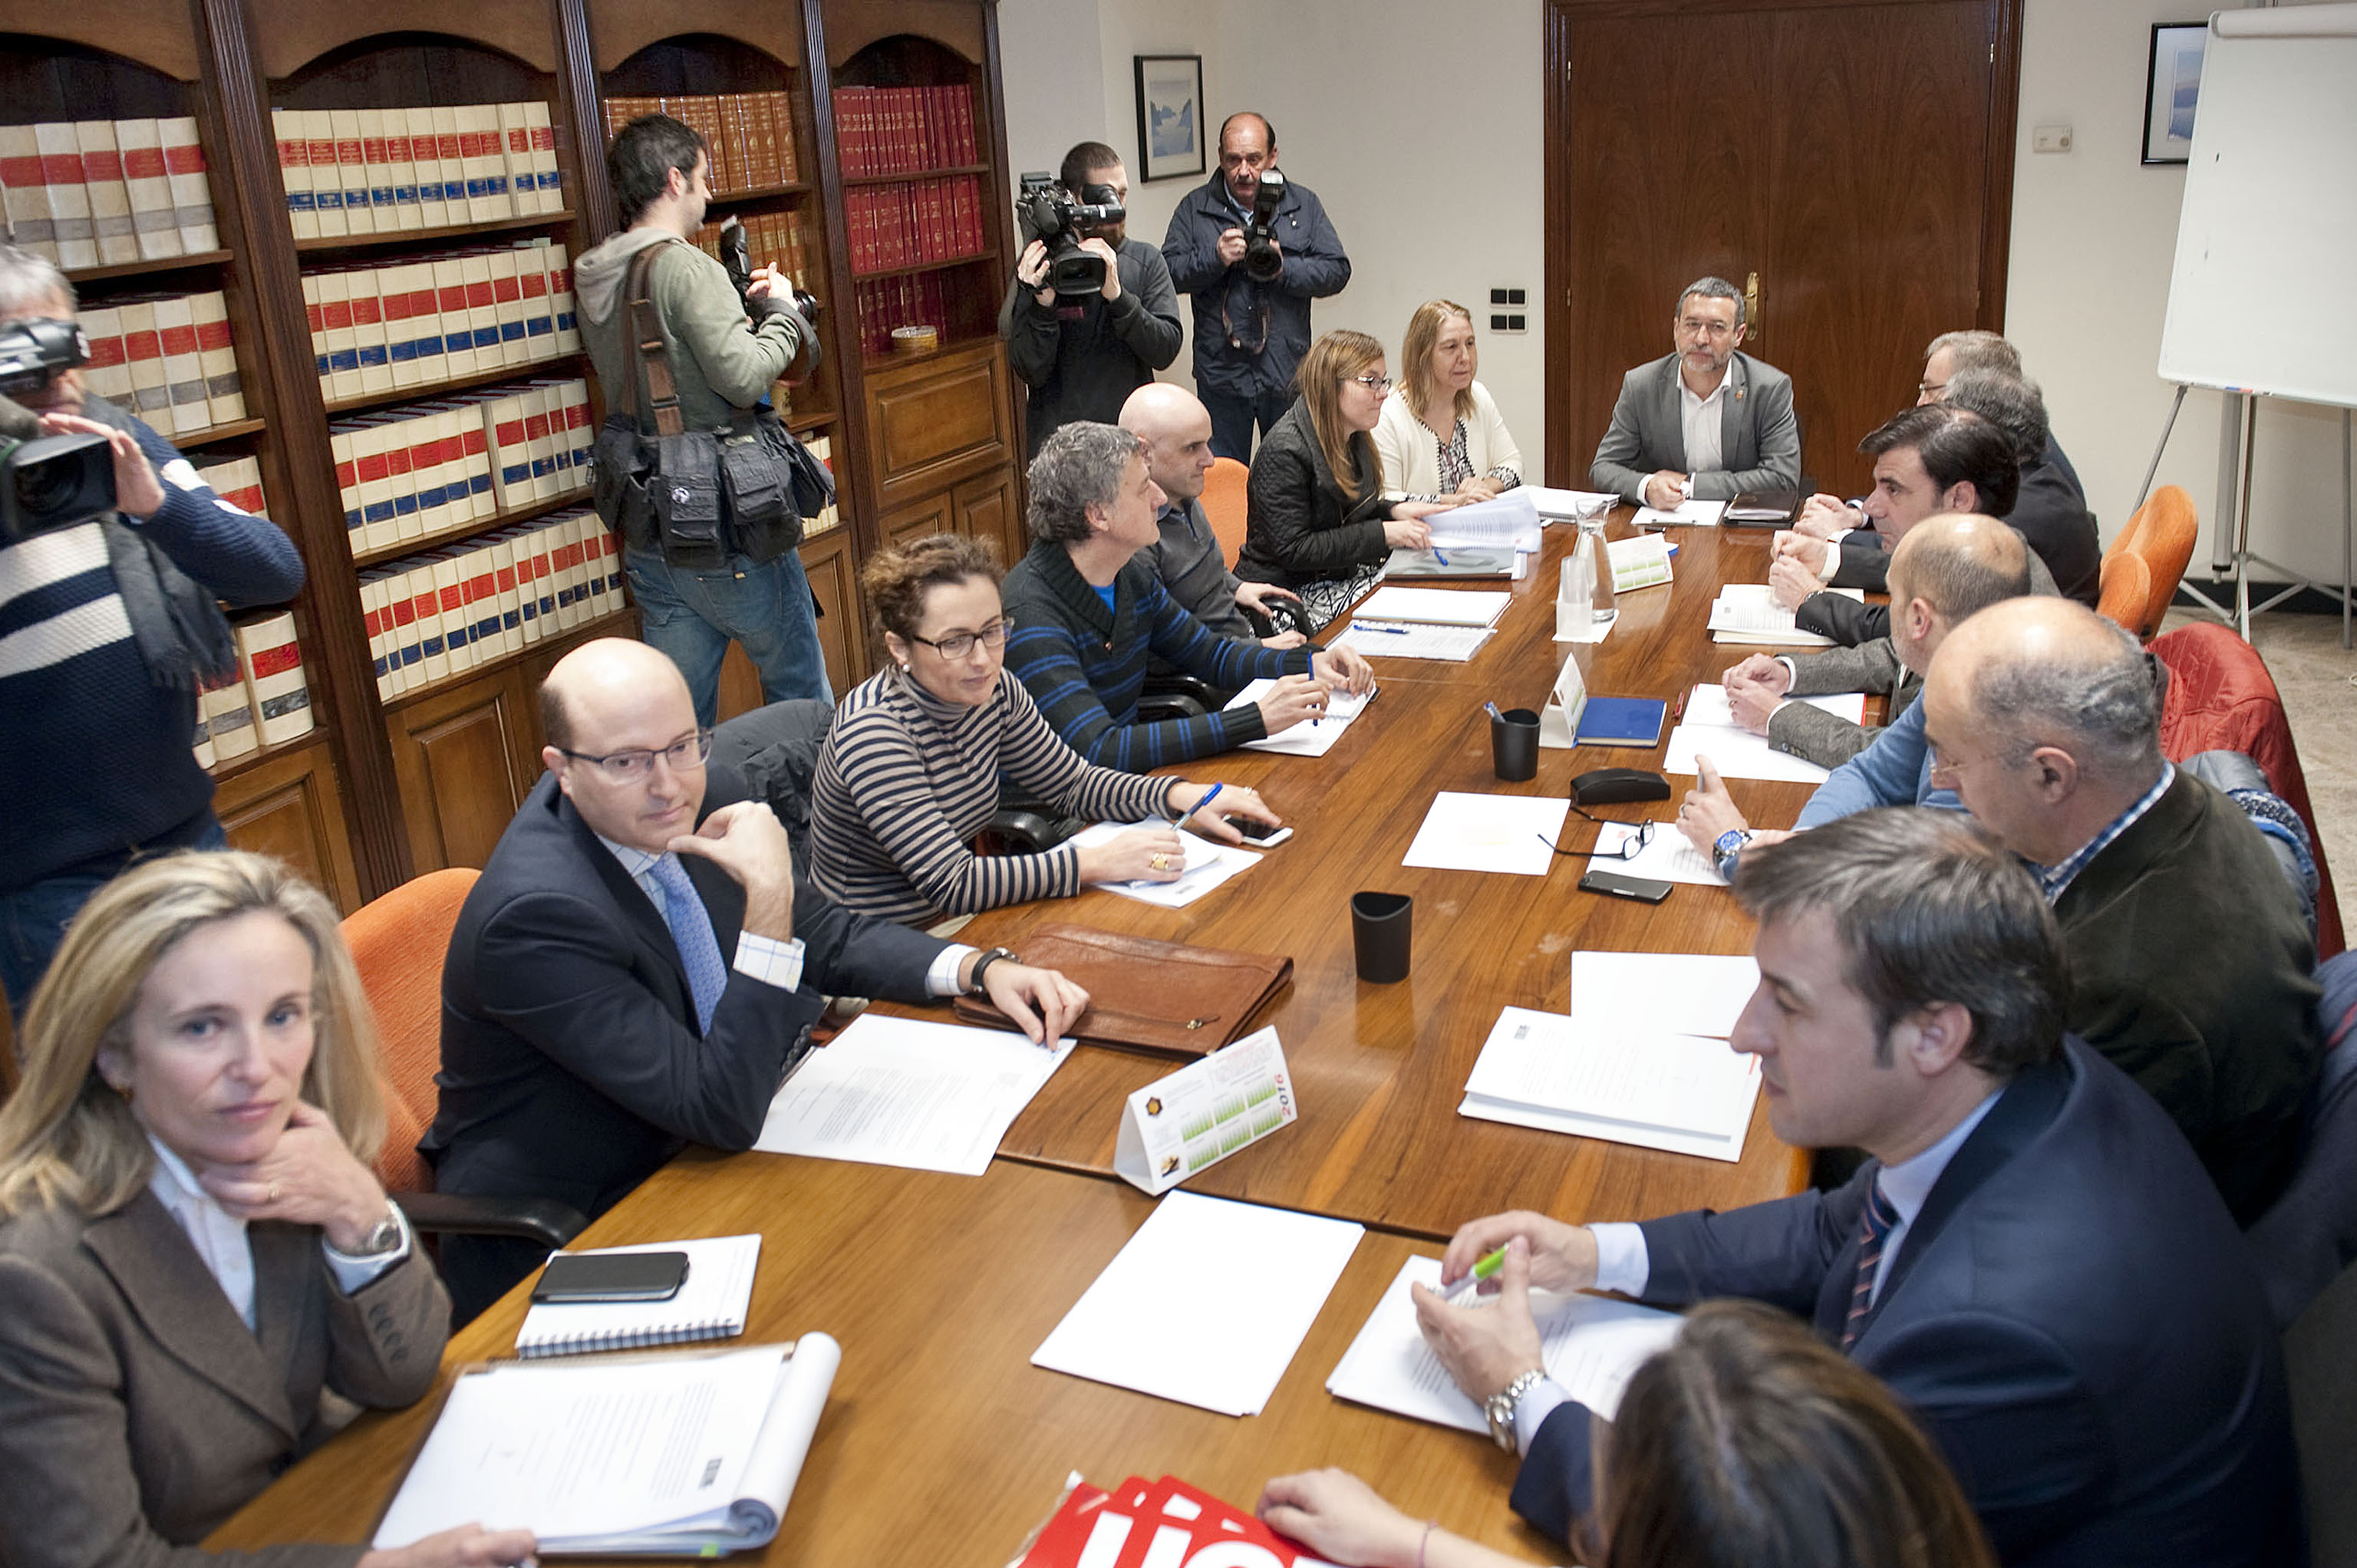 La Economía Social se incorpora al Servicio Navarro de Empleo por vez primera representada por CEPES Navarra